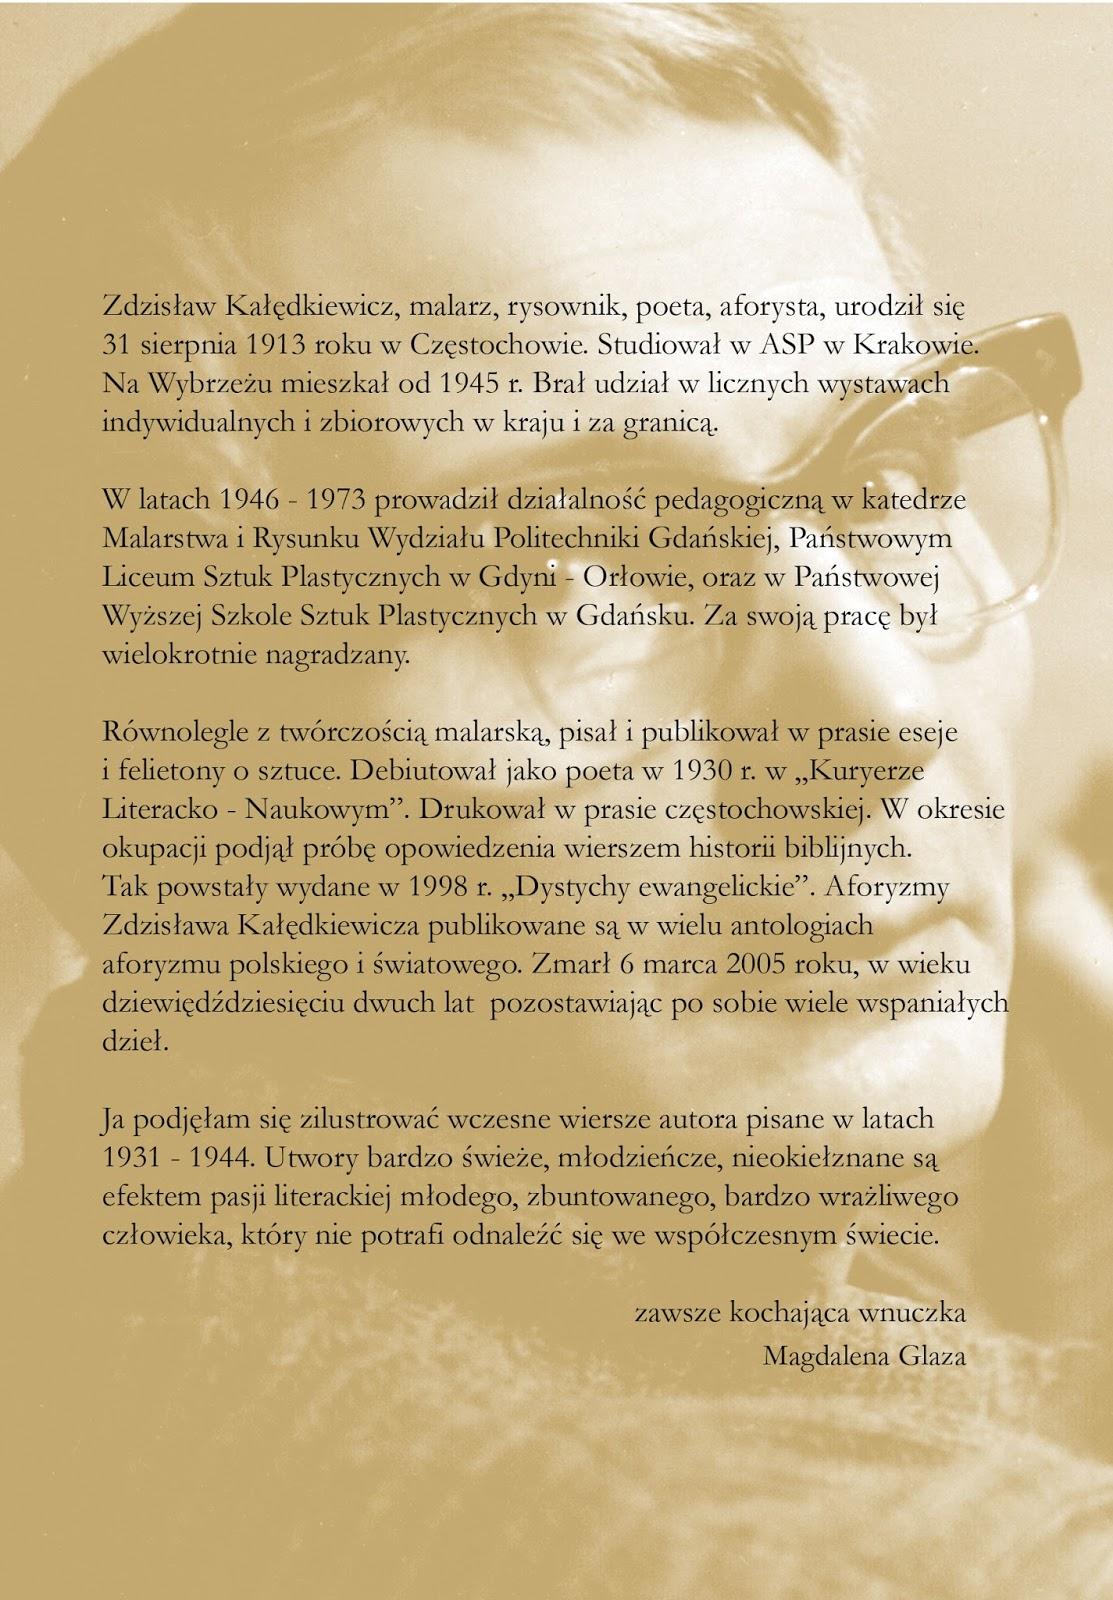 Portfolio Magda Glaza Opracowanie Graficzne Książki